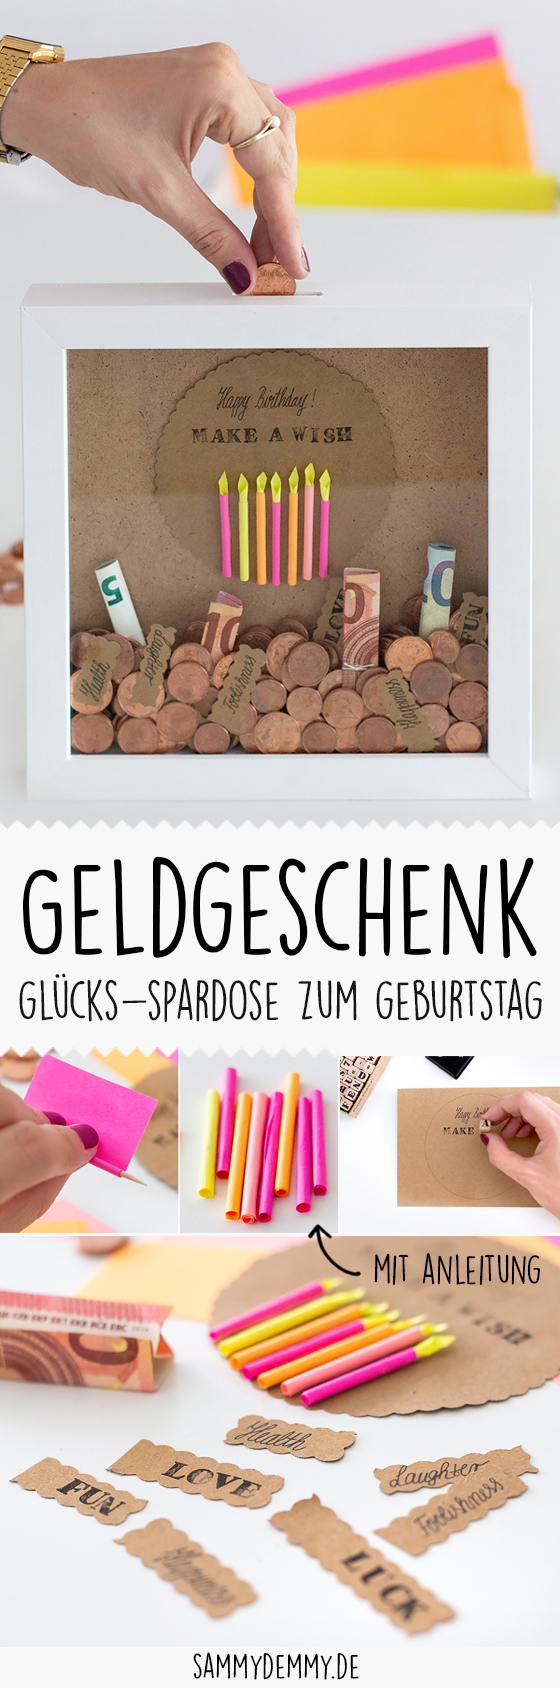 Diy Geschenkidee Geldgeschenk Fur Hochzeit Und Geburtstag